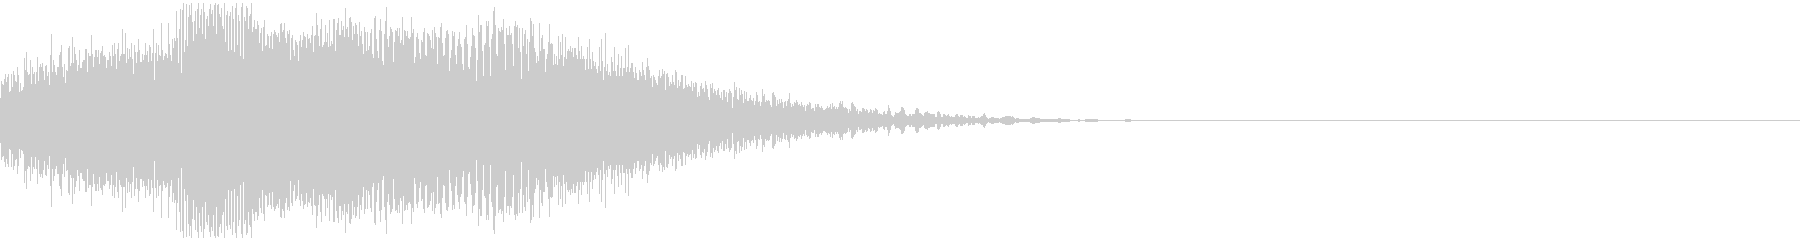 ビーム・レーザ音の未再生の波形